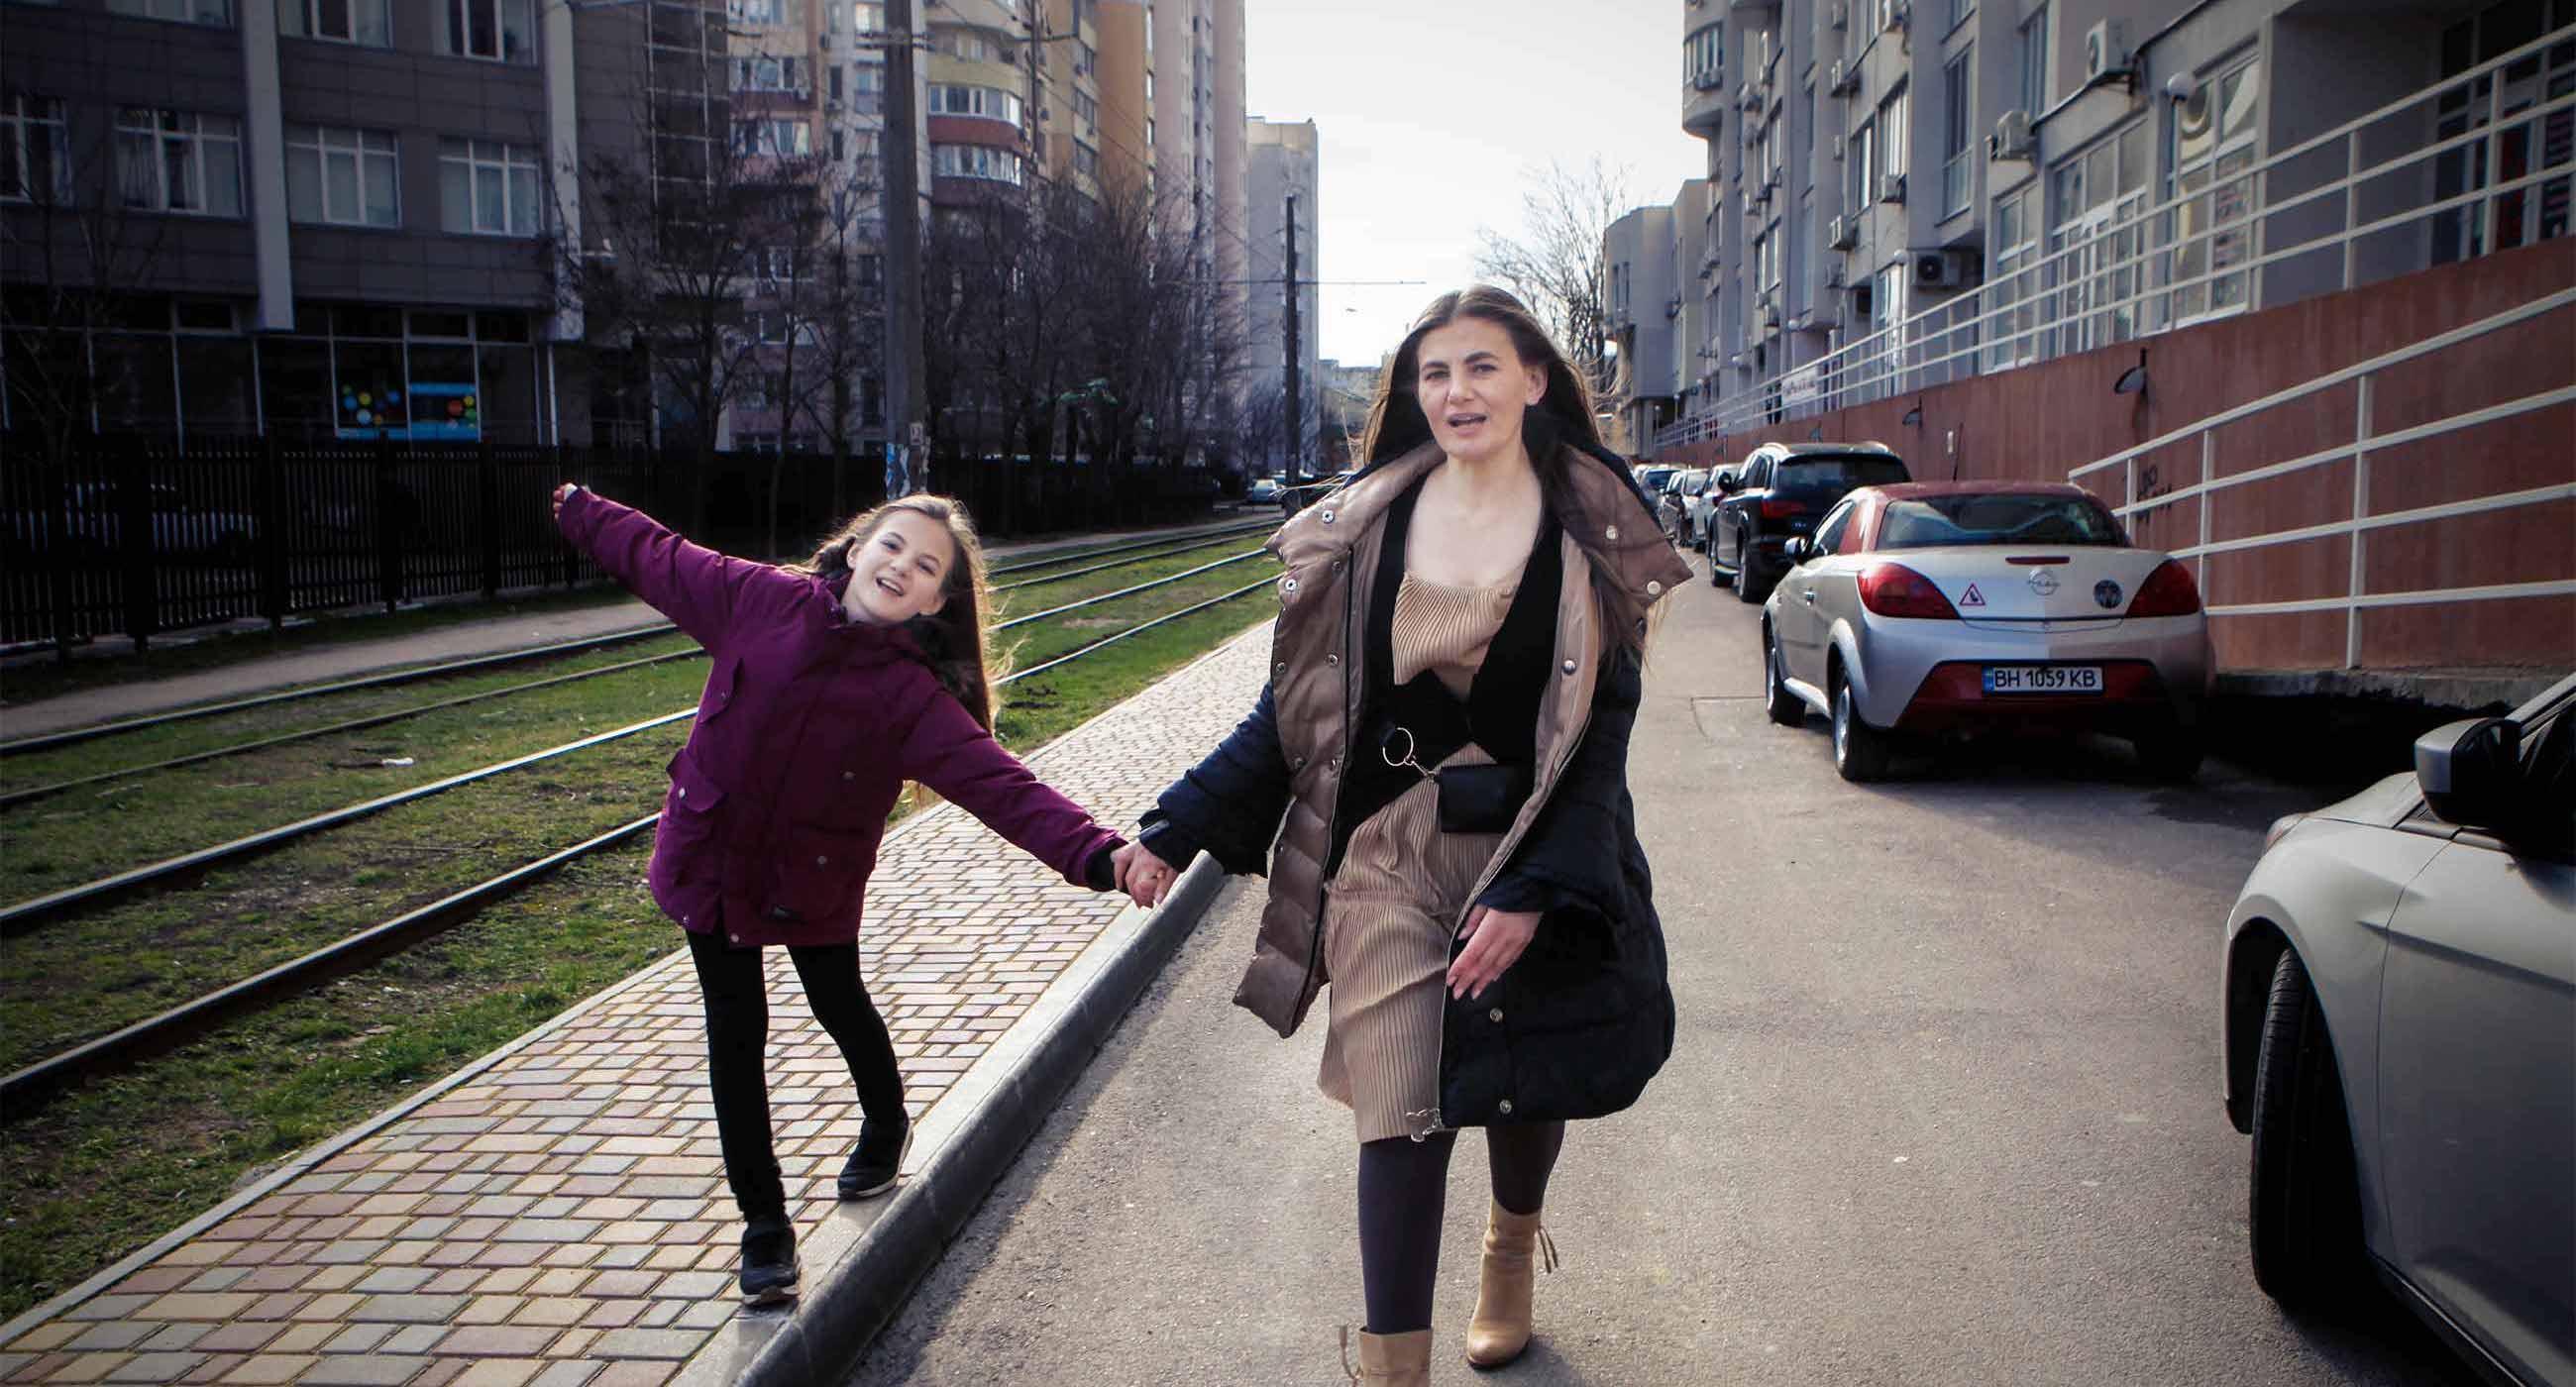 Одеська поліціянтка Зоя Мельник системно викривала злочини поліції, а потім її звільнили. Зараз вона захищає дітей